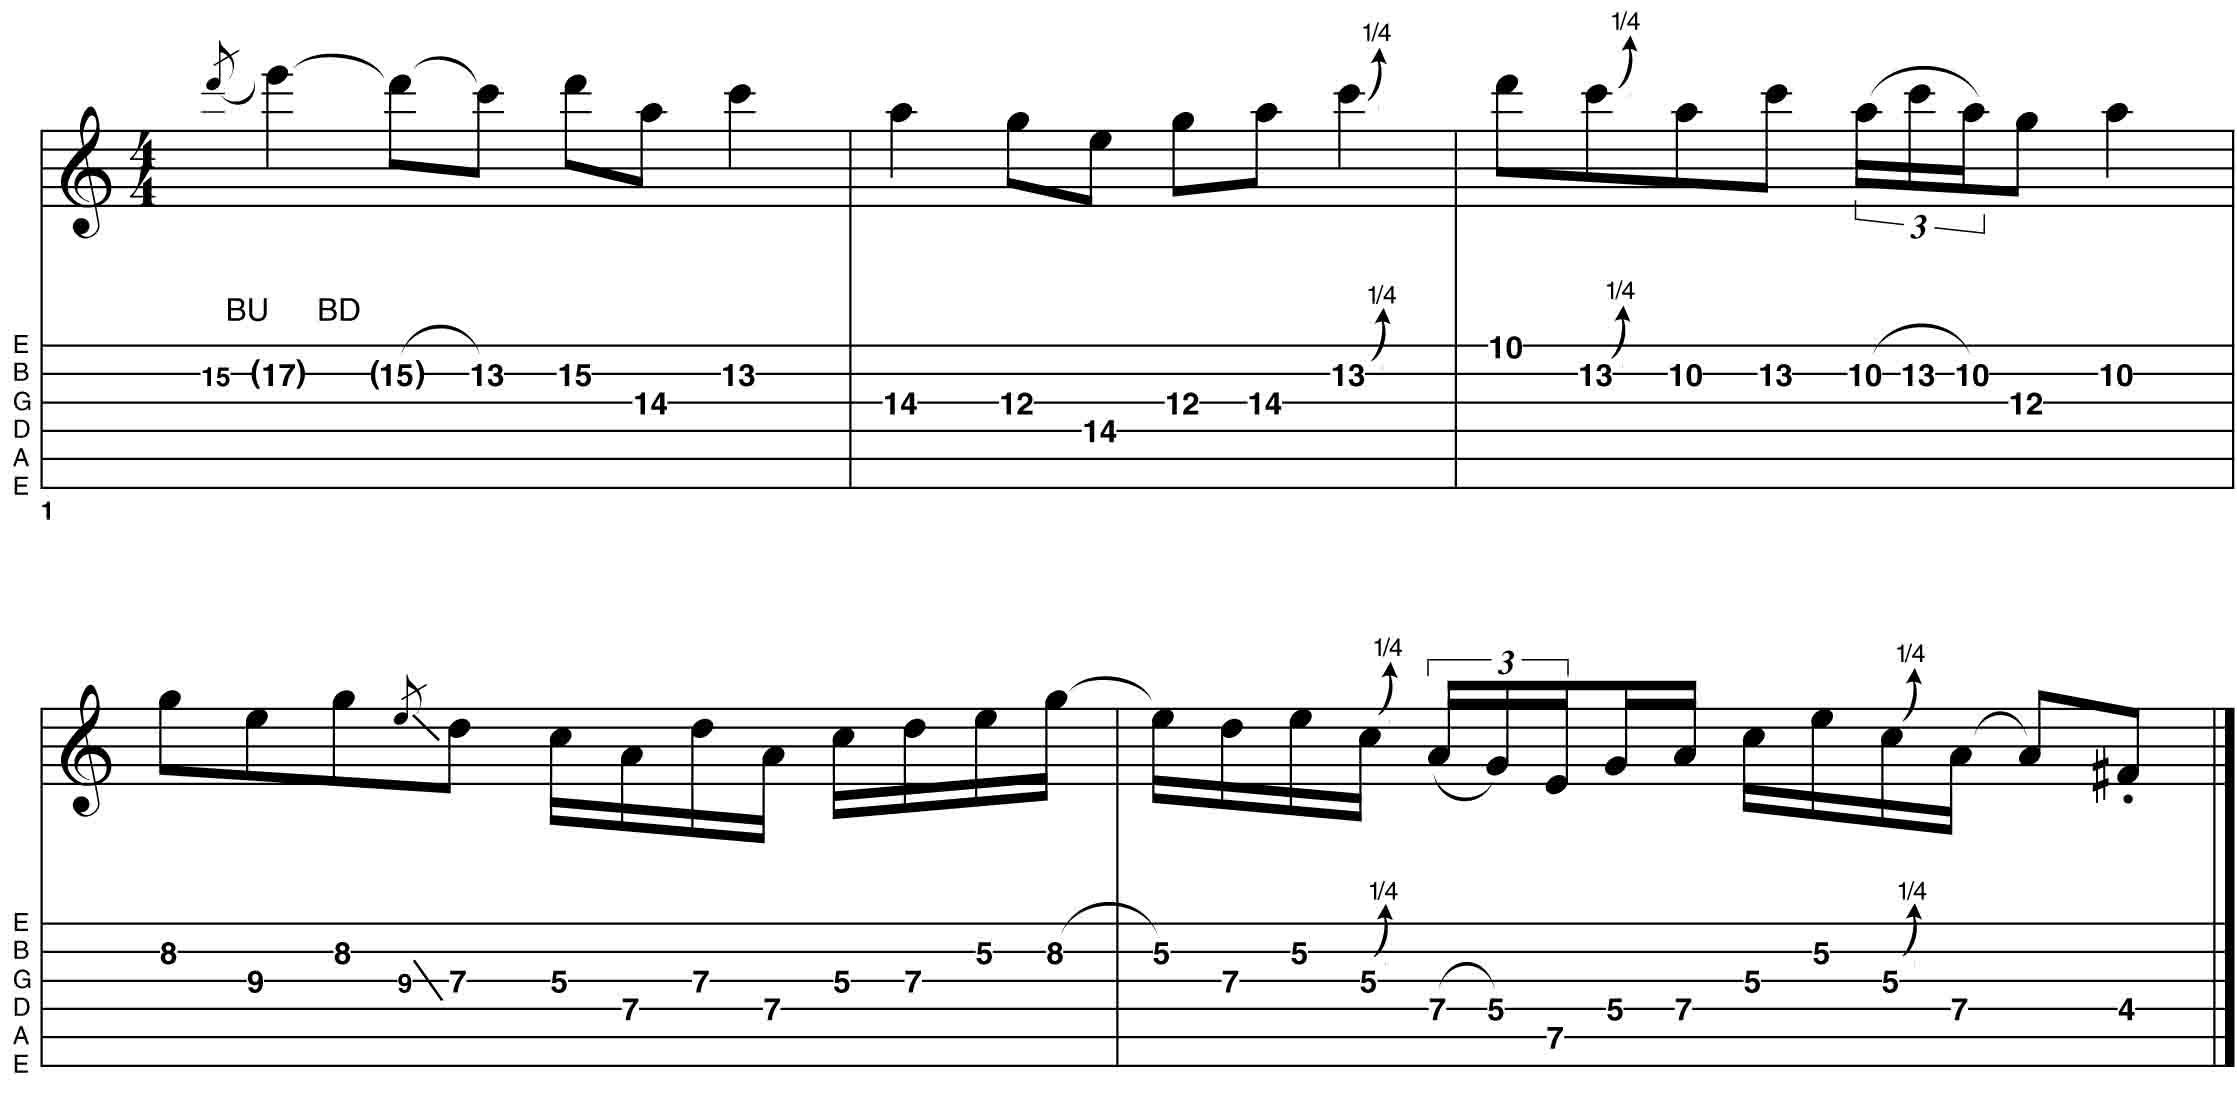 http://cdn.mos.musicradar.com/images/aaaroot/guitars/11nov16/bonamassa-tab/ex-2.jpg